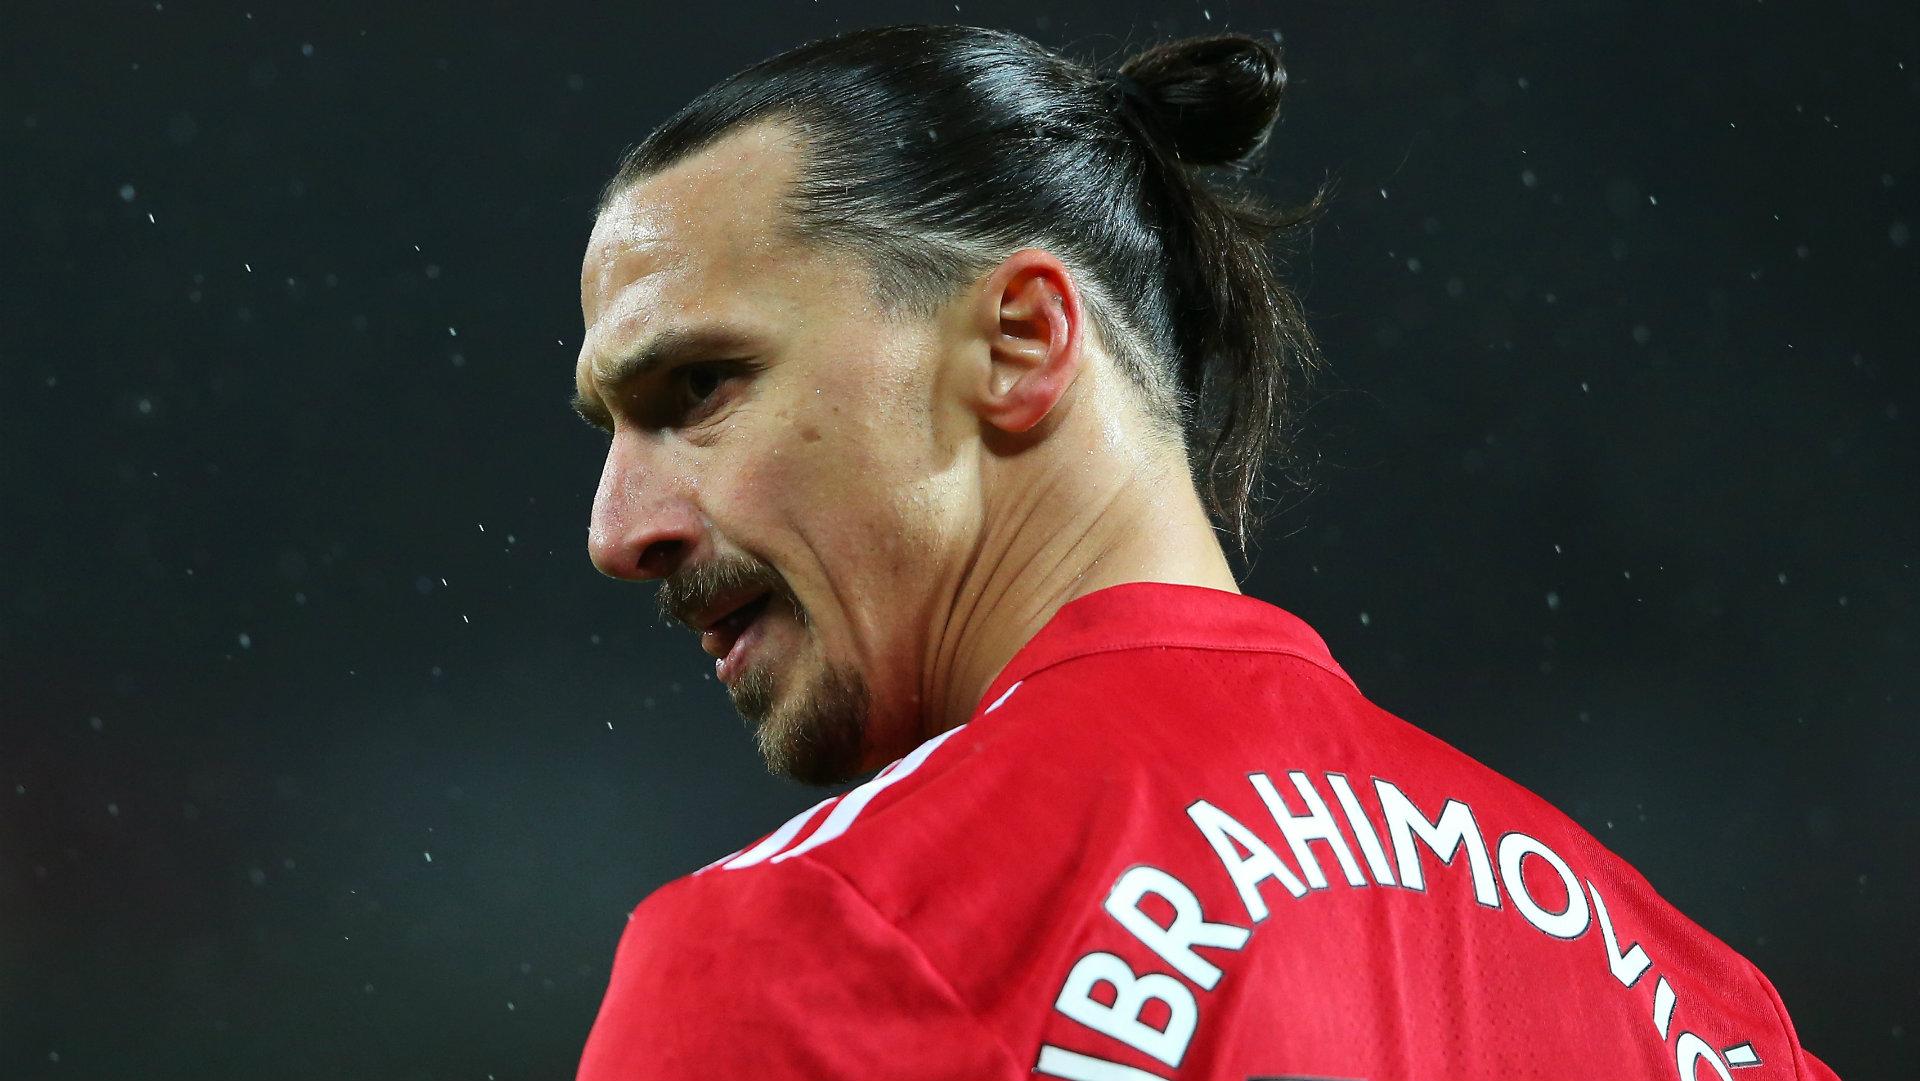 Zlatan Ibrahimovic, Man Utd v Brighton, 17/18